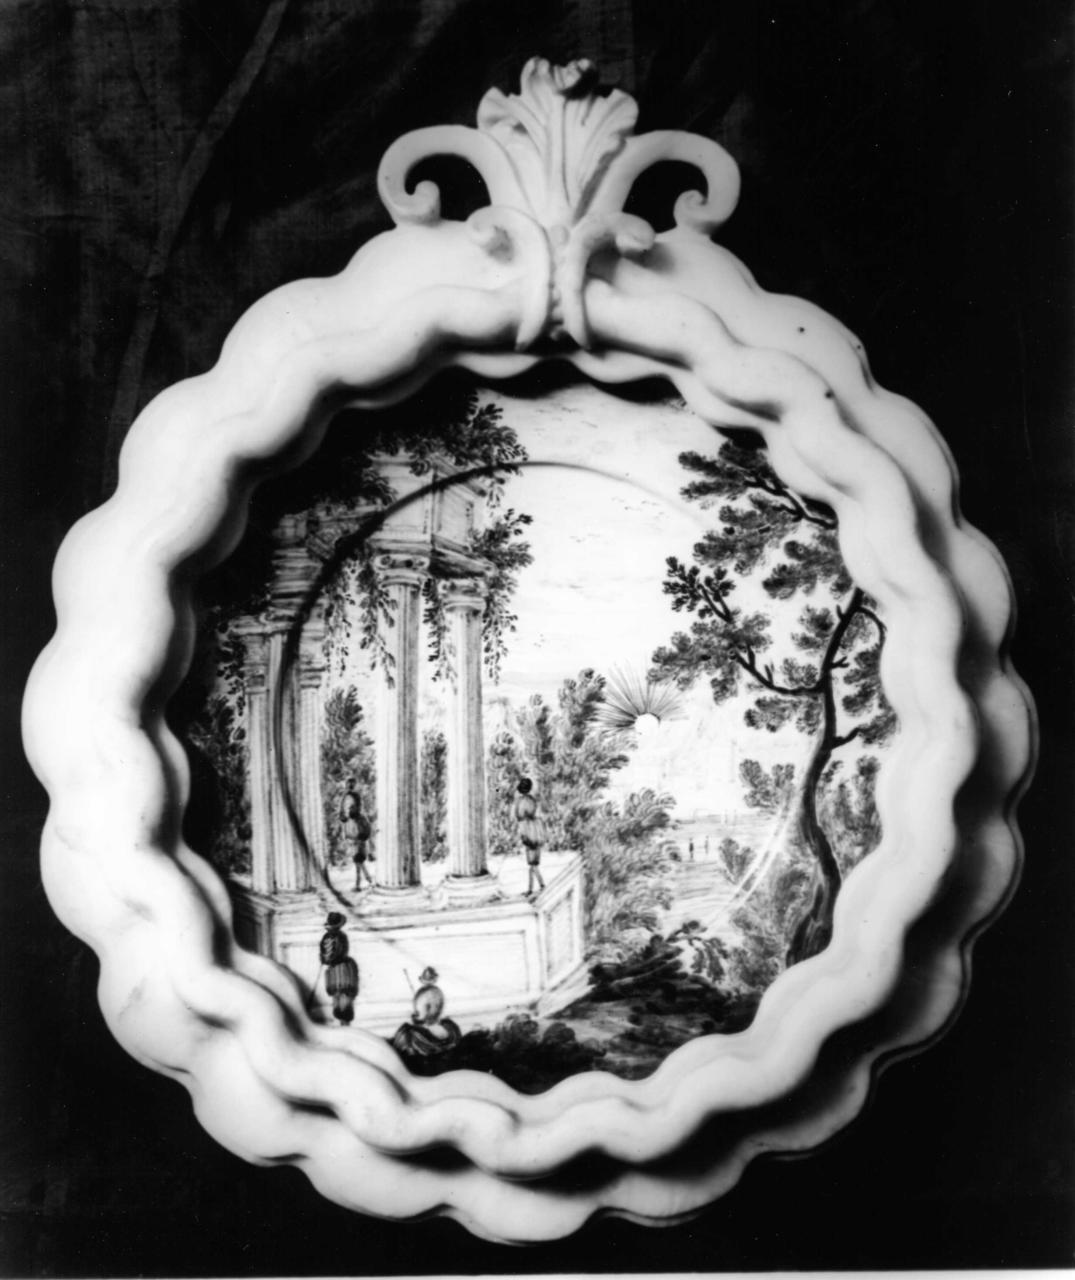 paesaggio con rovine (piattino, coppia) - bottega di Castelli (metà sec. XVIII)